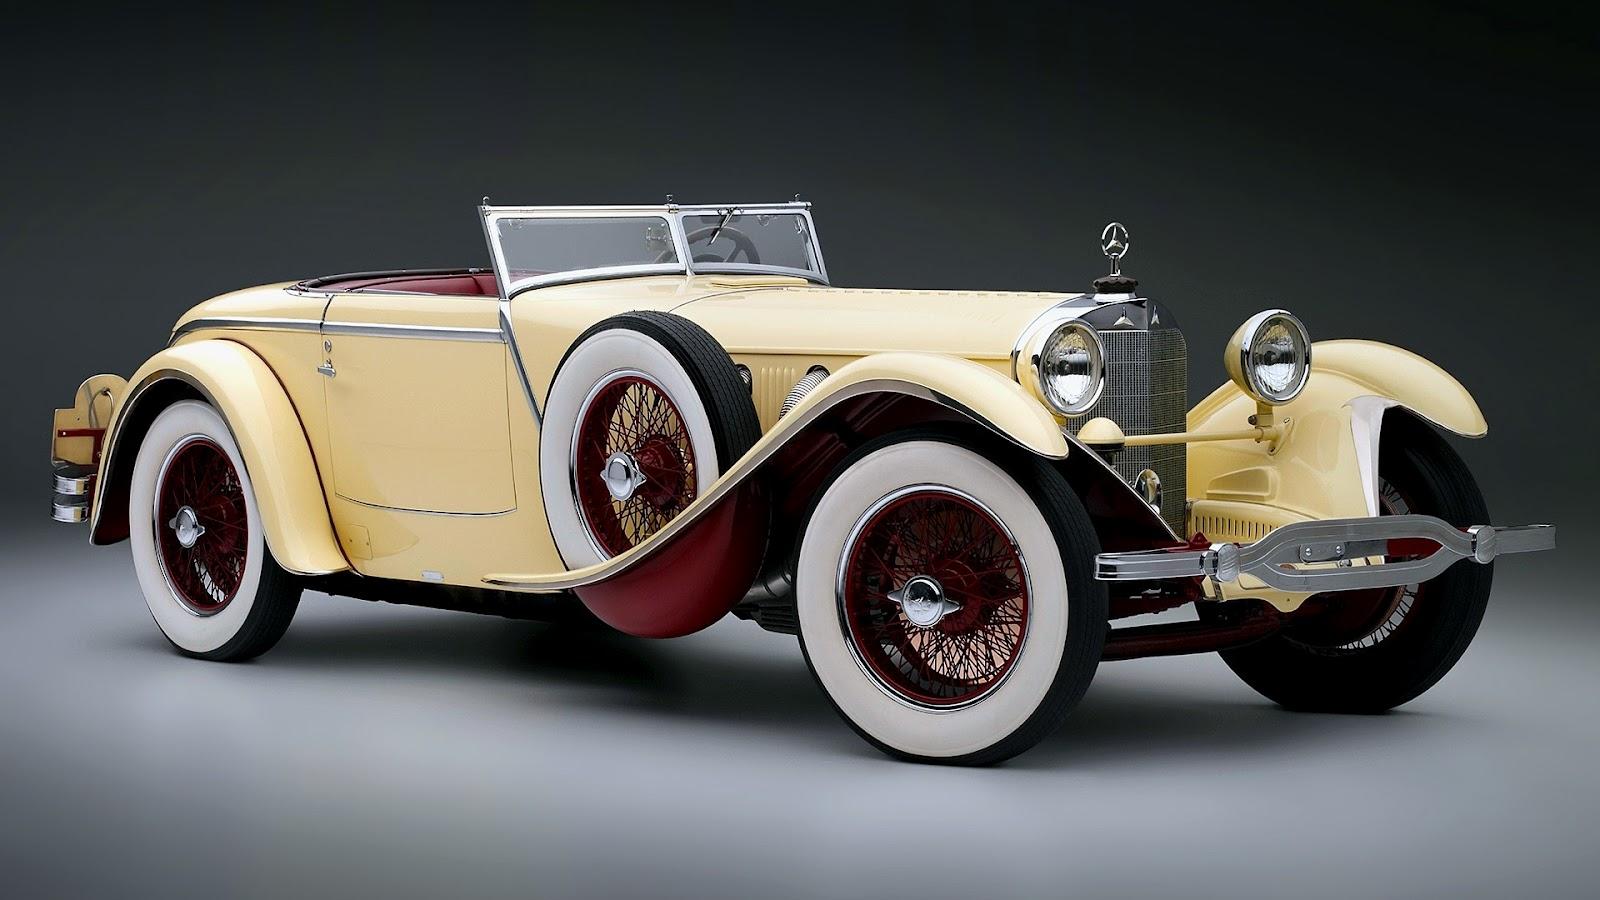 139968d1371190267 vintage cars vintage cars images 1600x900jpg